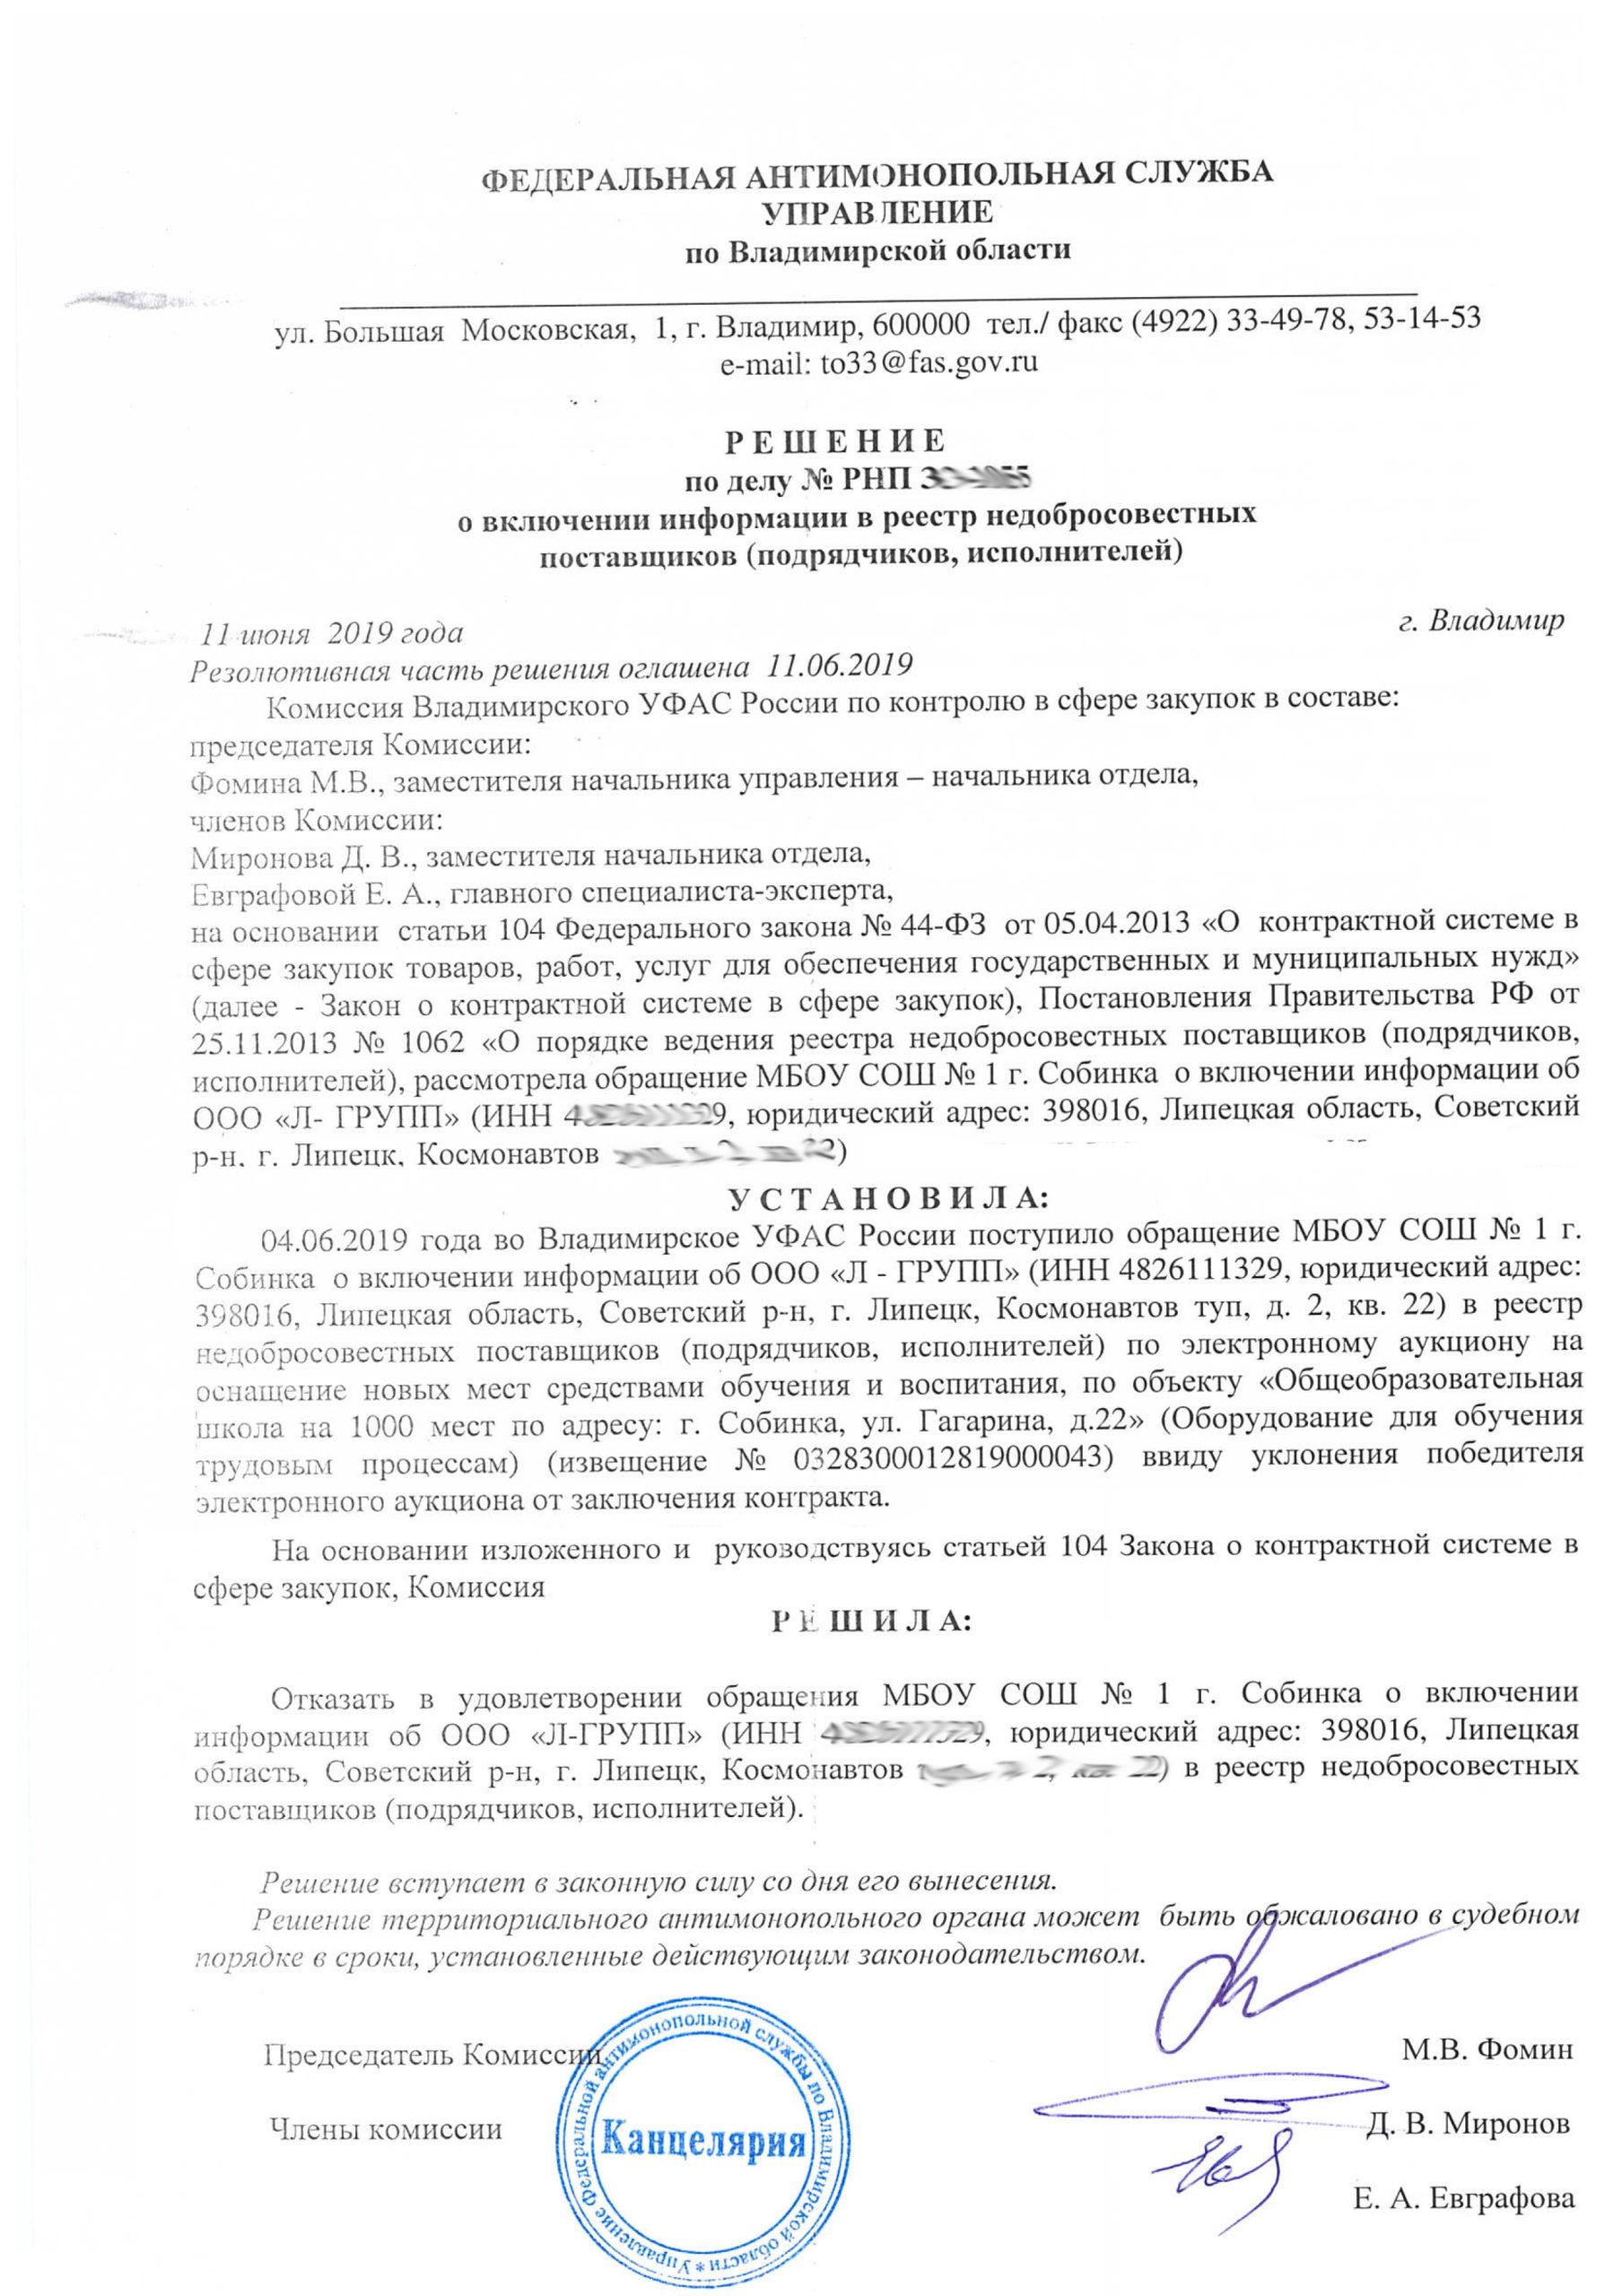 Владимирский УФАС Решение РНП33-1055 Л-Групп-2